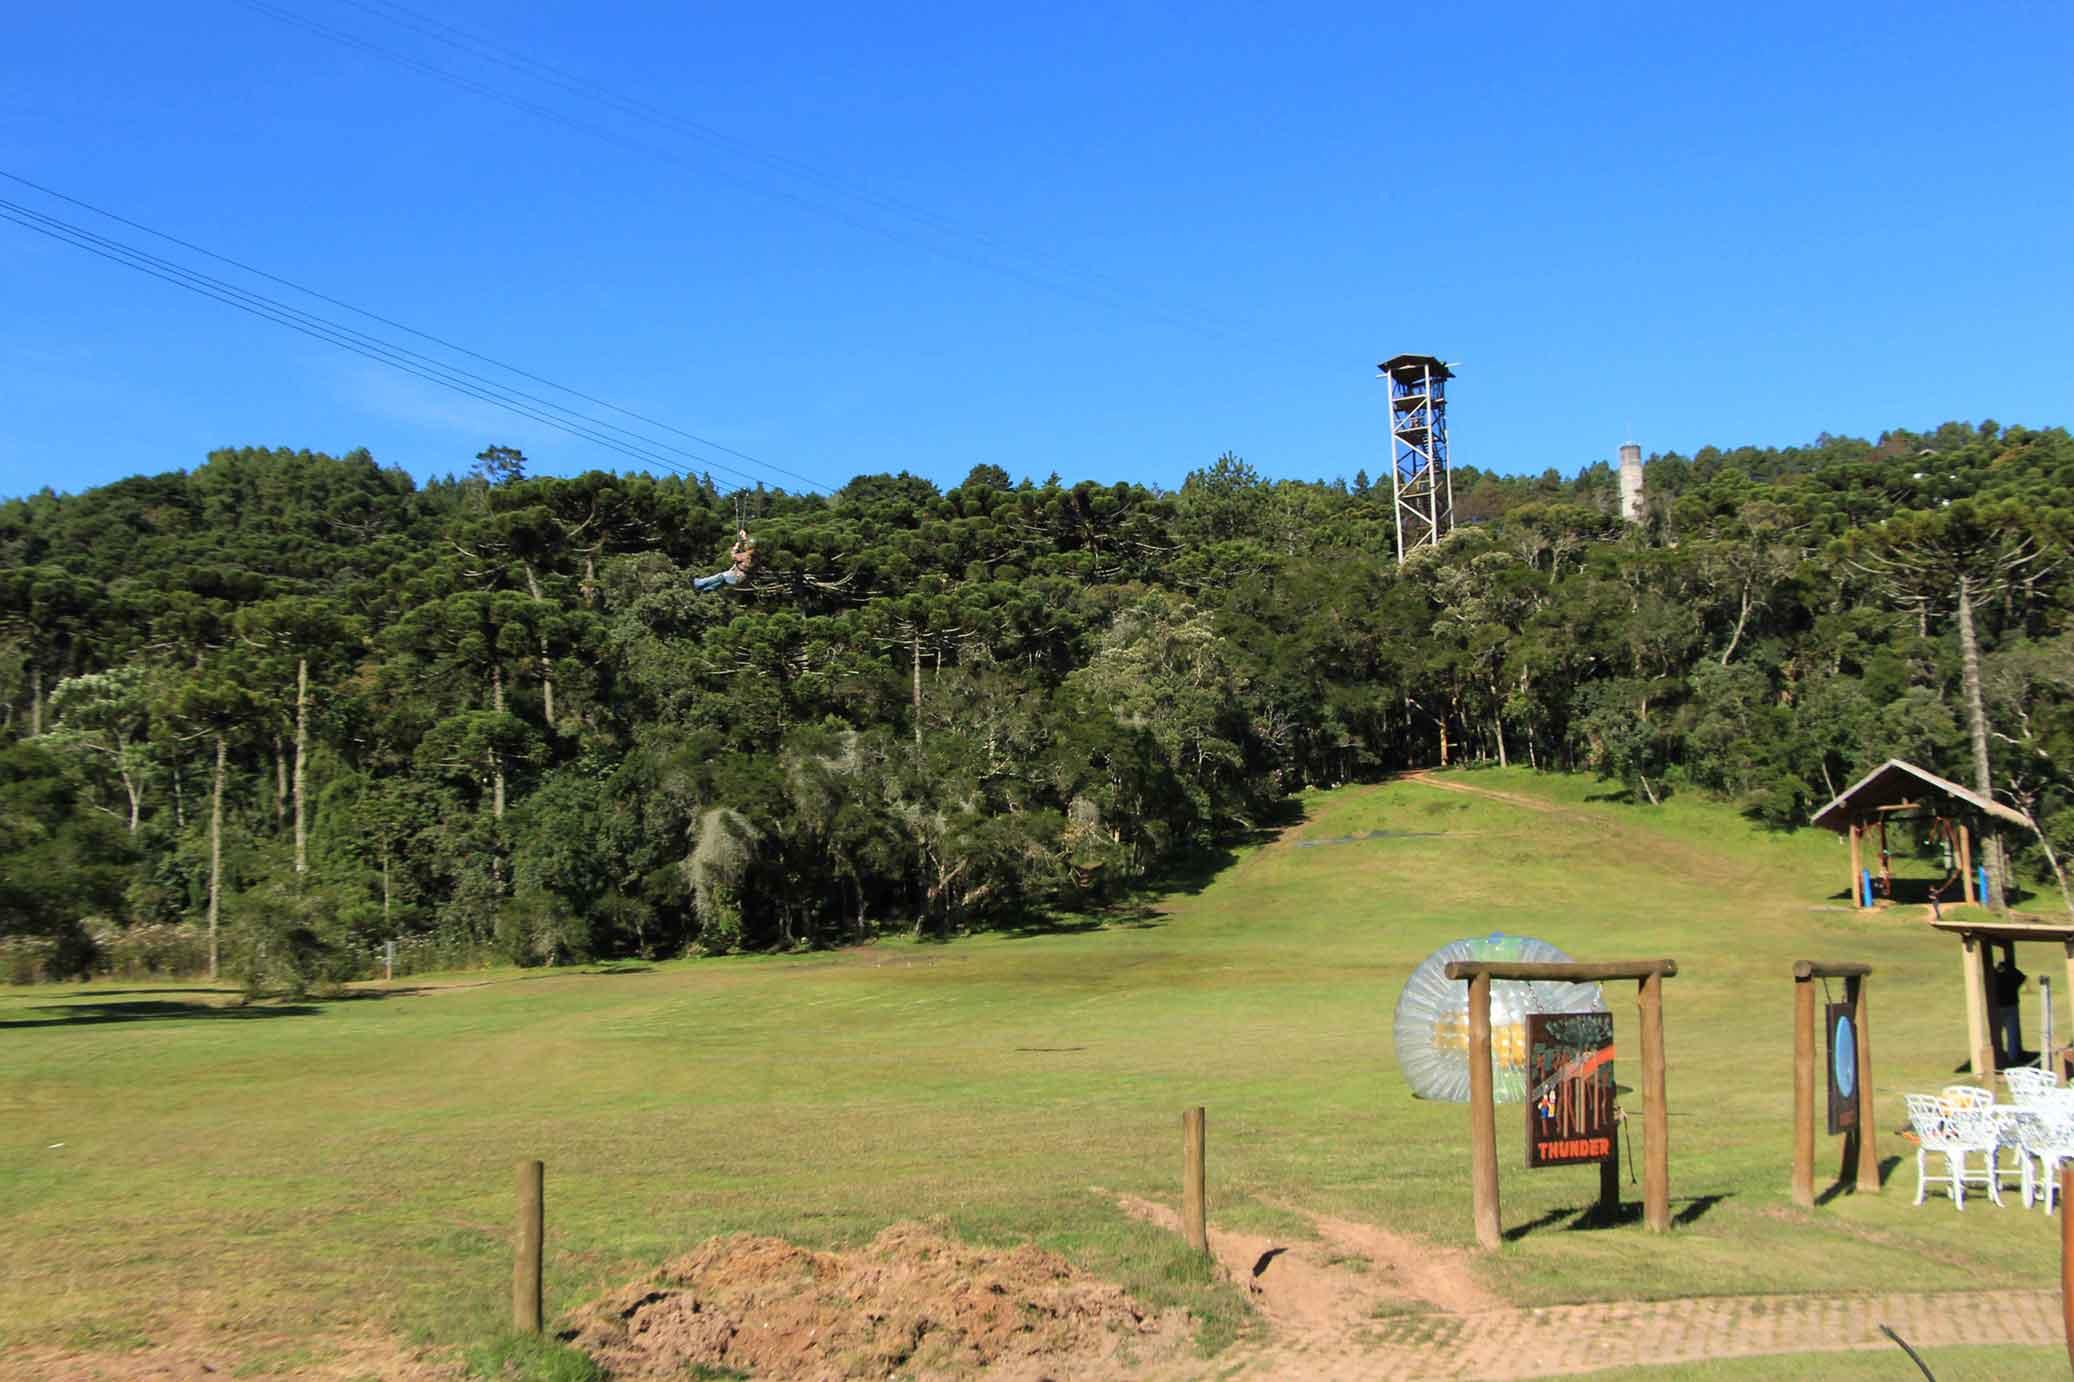 Campos-do-Jordao-Turismo-Aventura-Tarundu-IMG_3583-bx